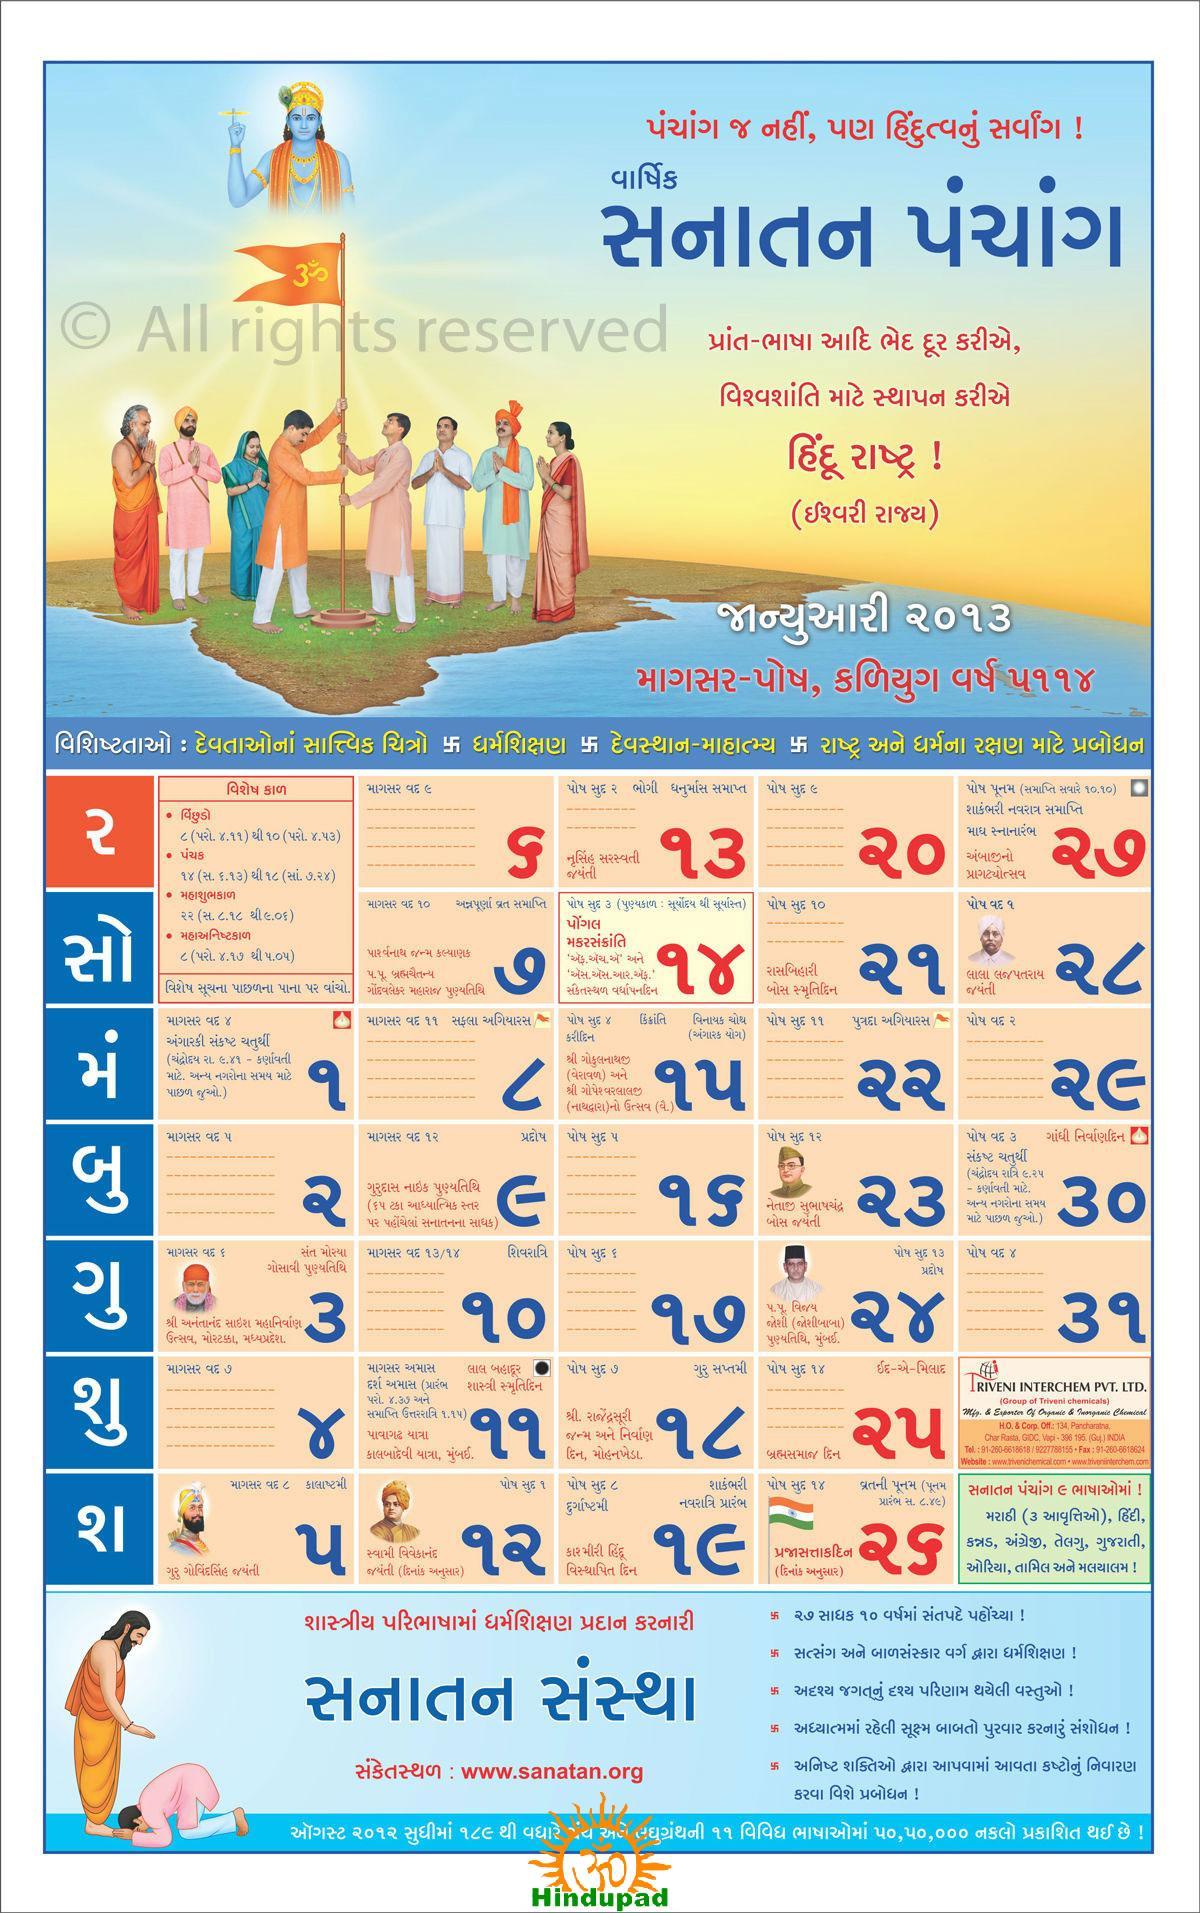 Gujarati Sanatan Panchang 2019 - HinduPad